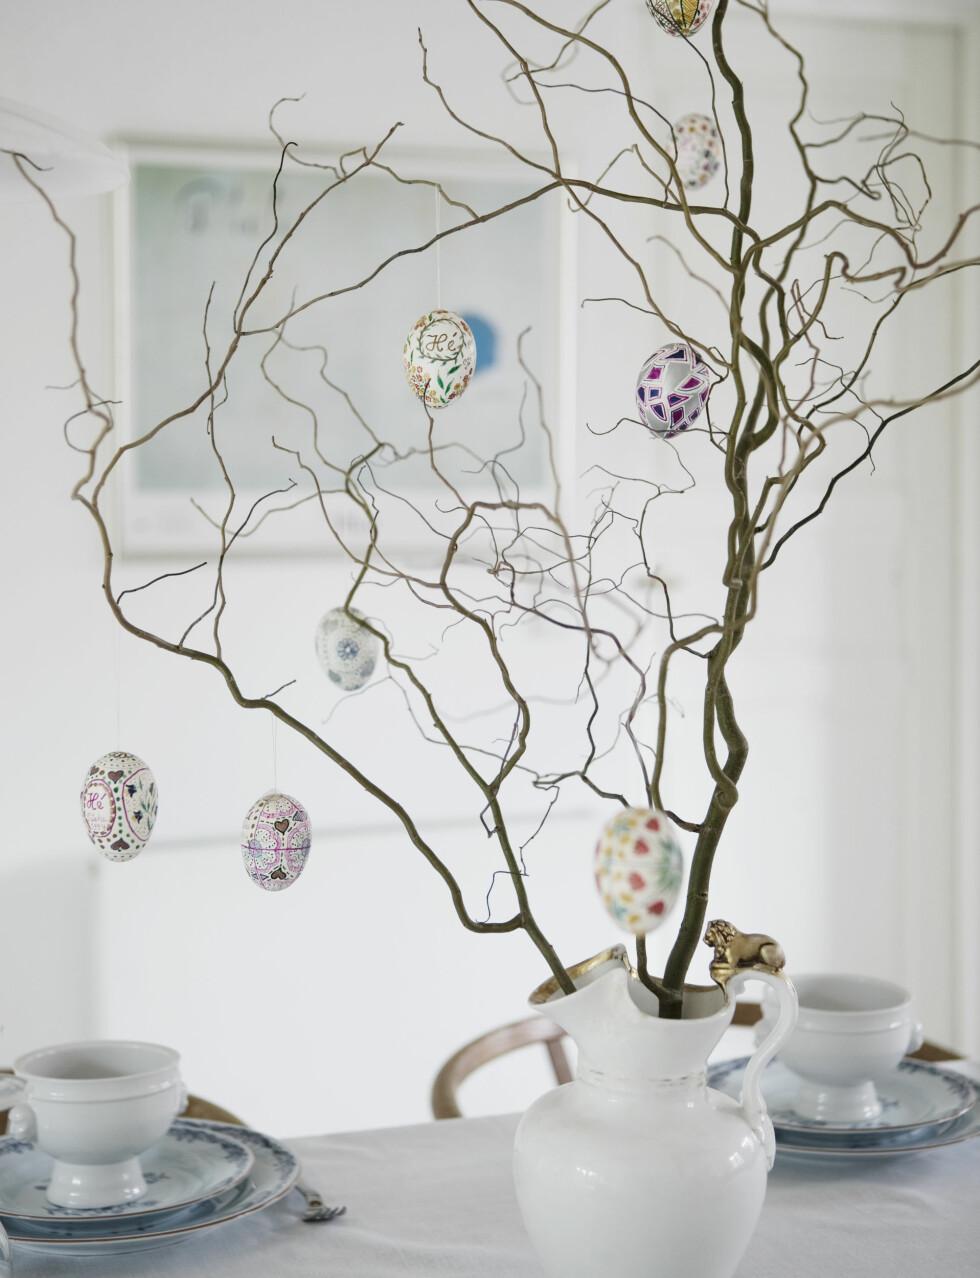 ENKEL DEKOR: Så sart og så enkelt med dekorative greiner og nydelige, håndmalte egg Foto: Kira Brandt/House of Pictures